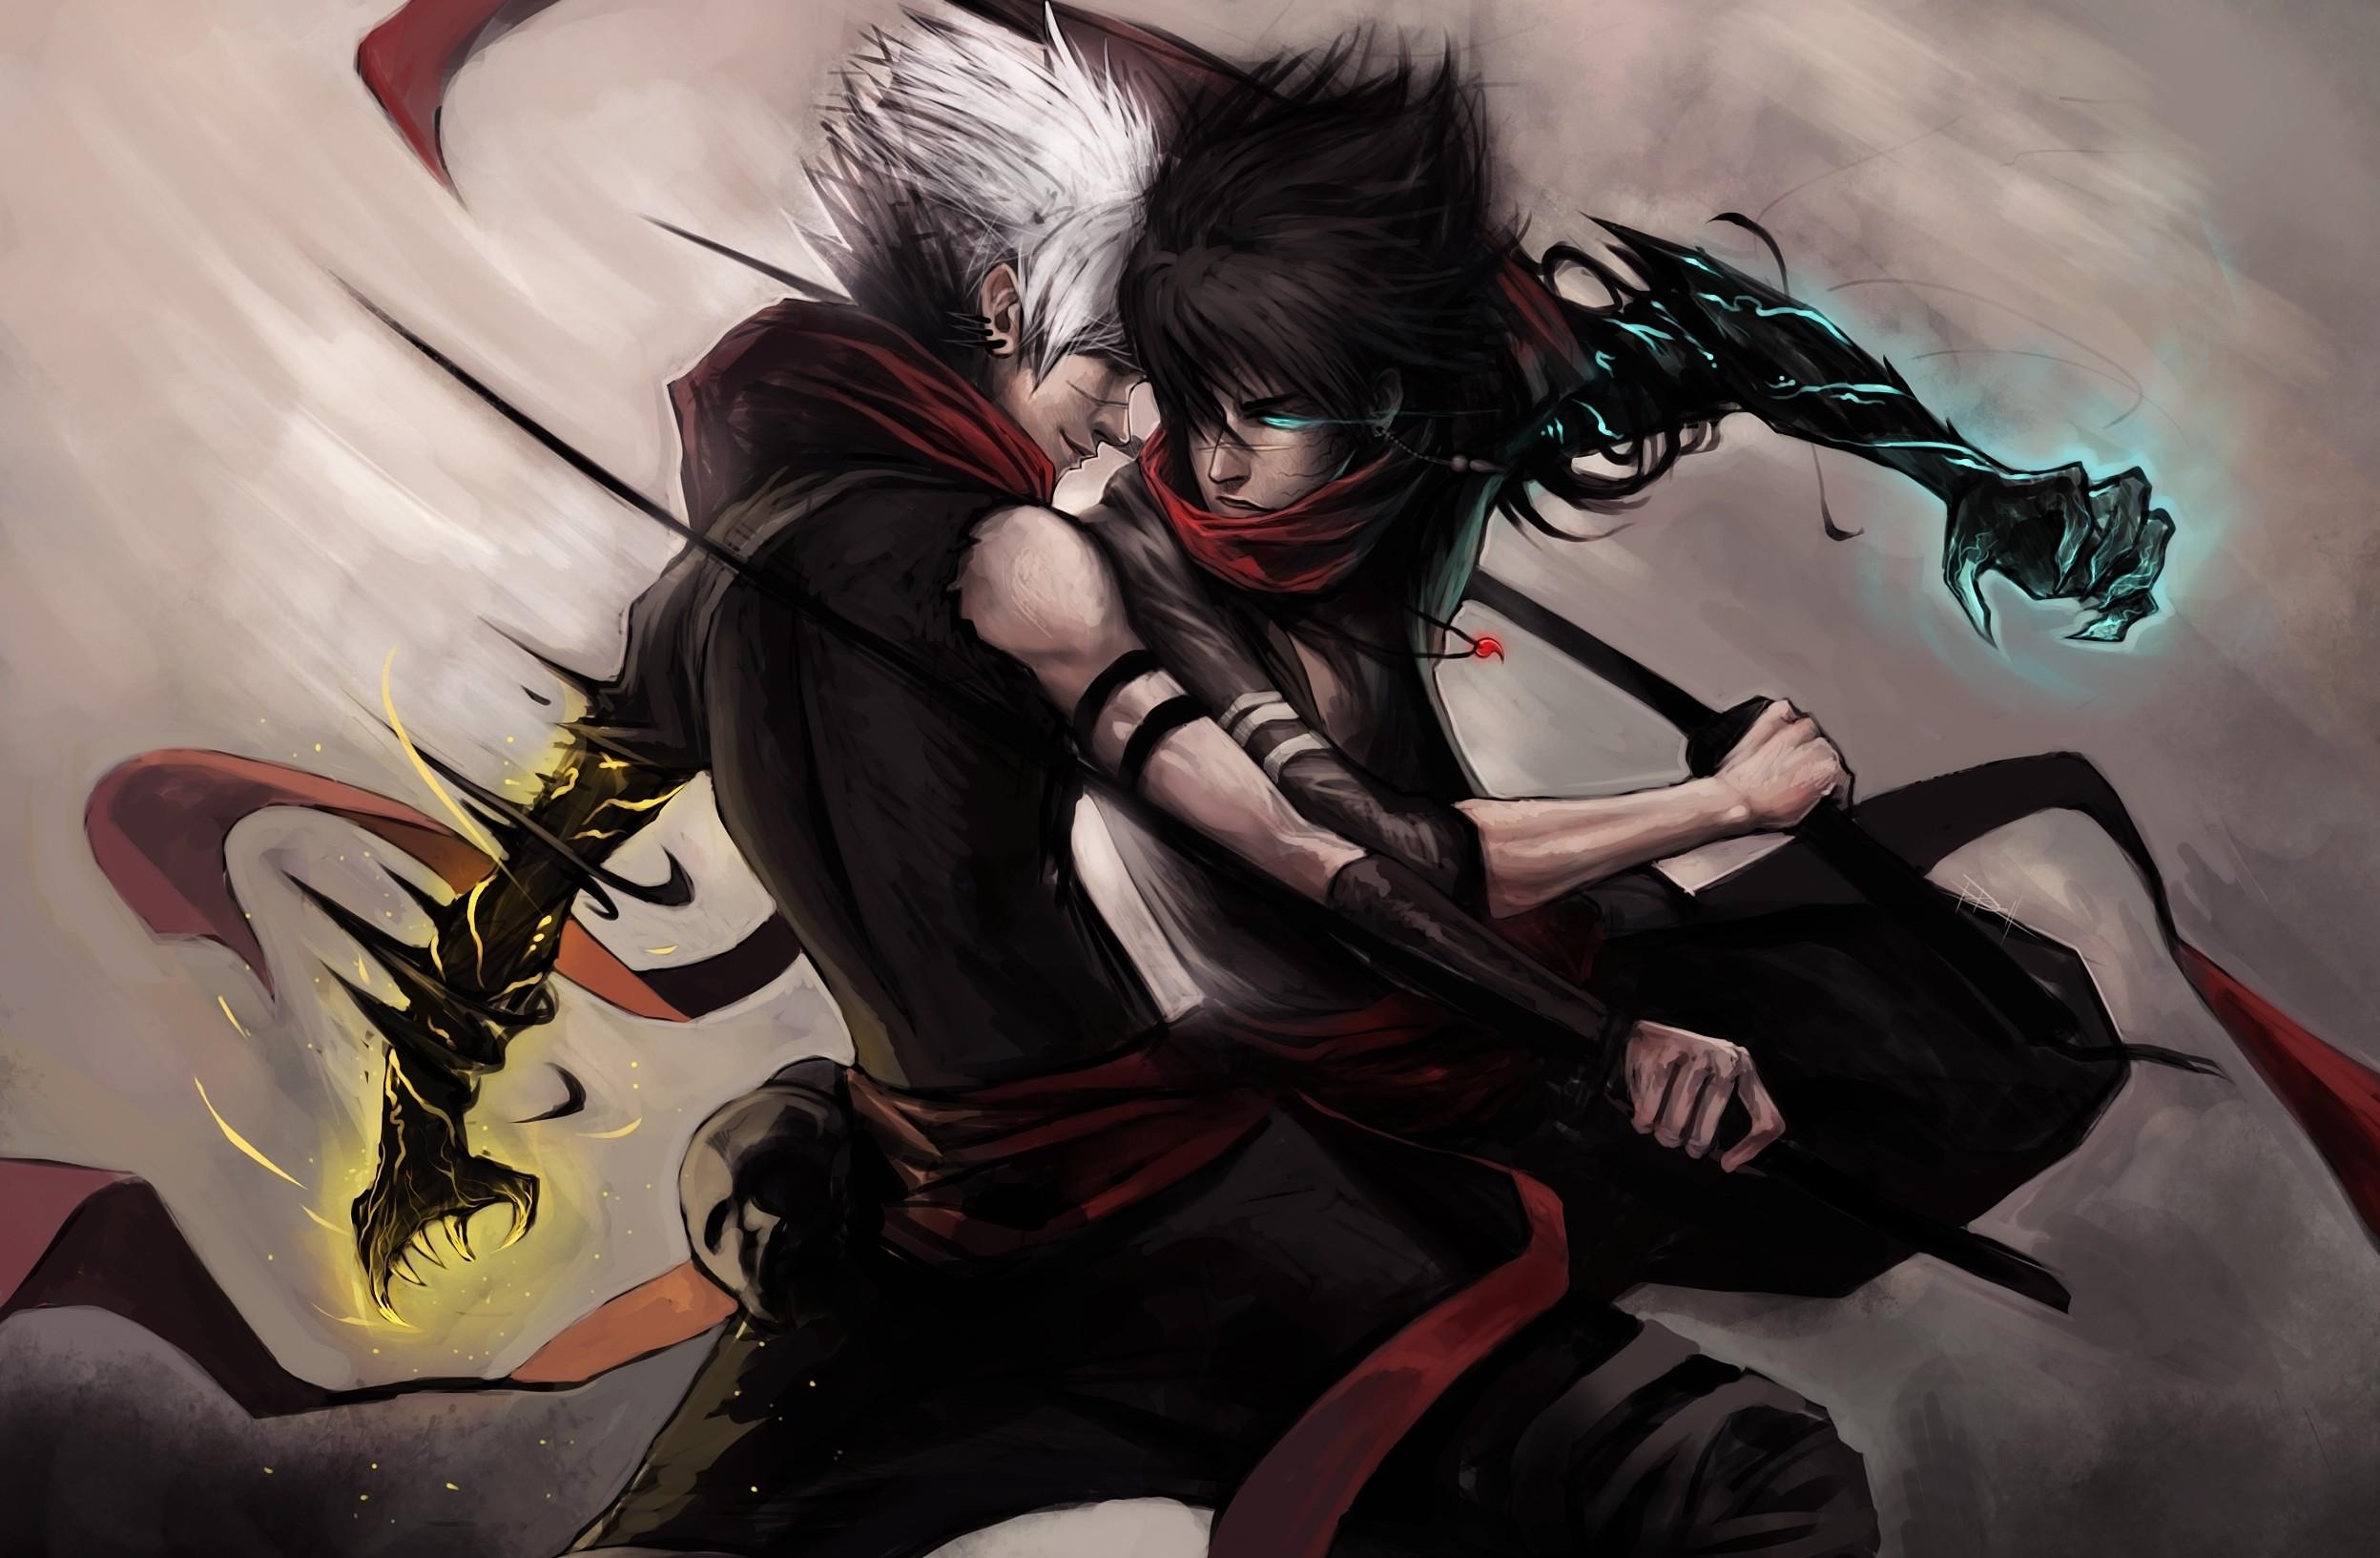 Free warrior wallpaper background